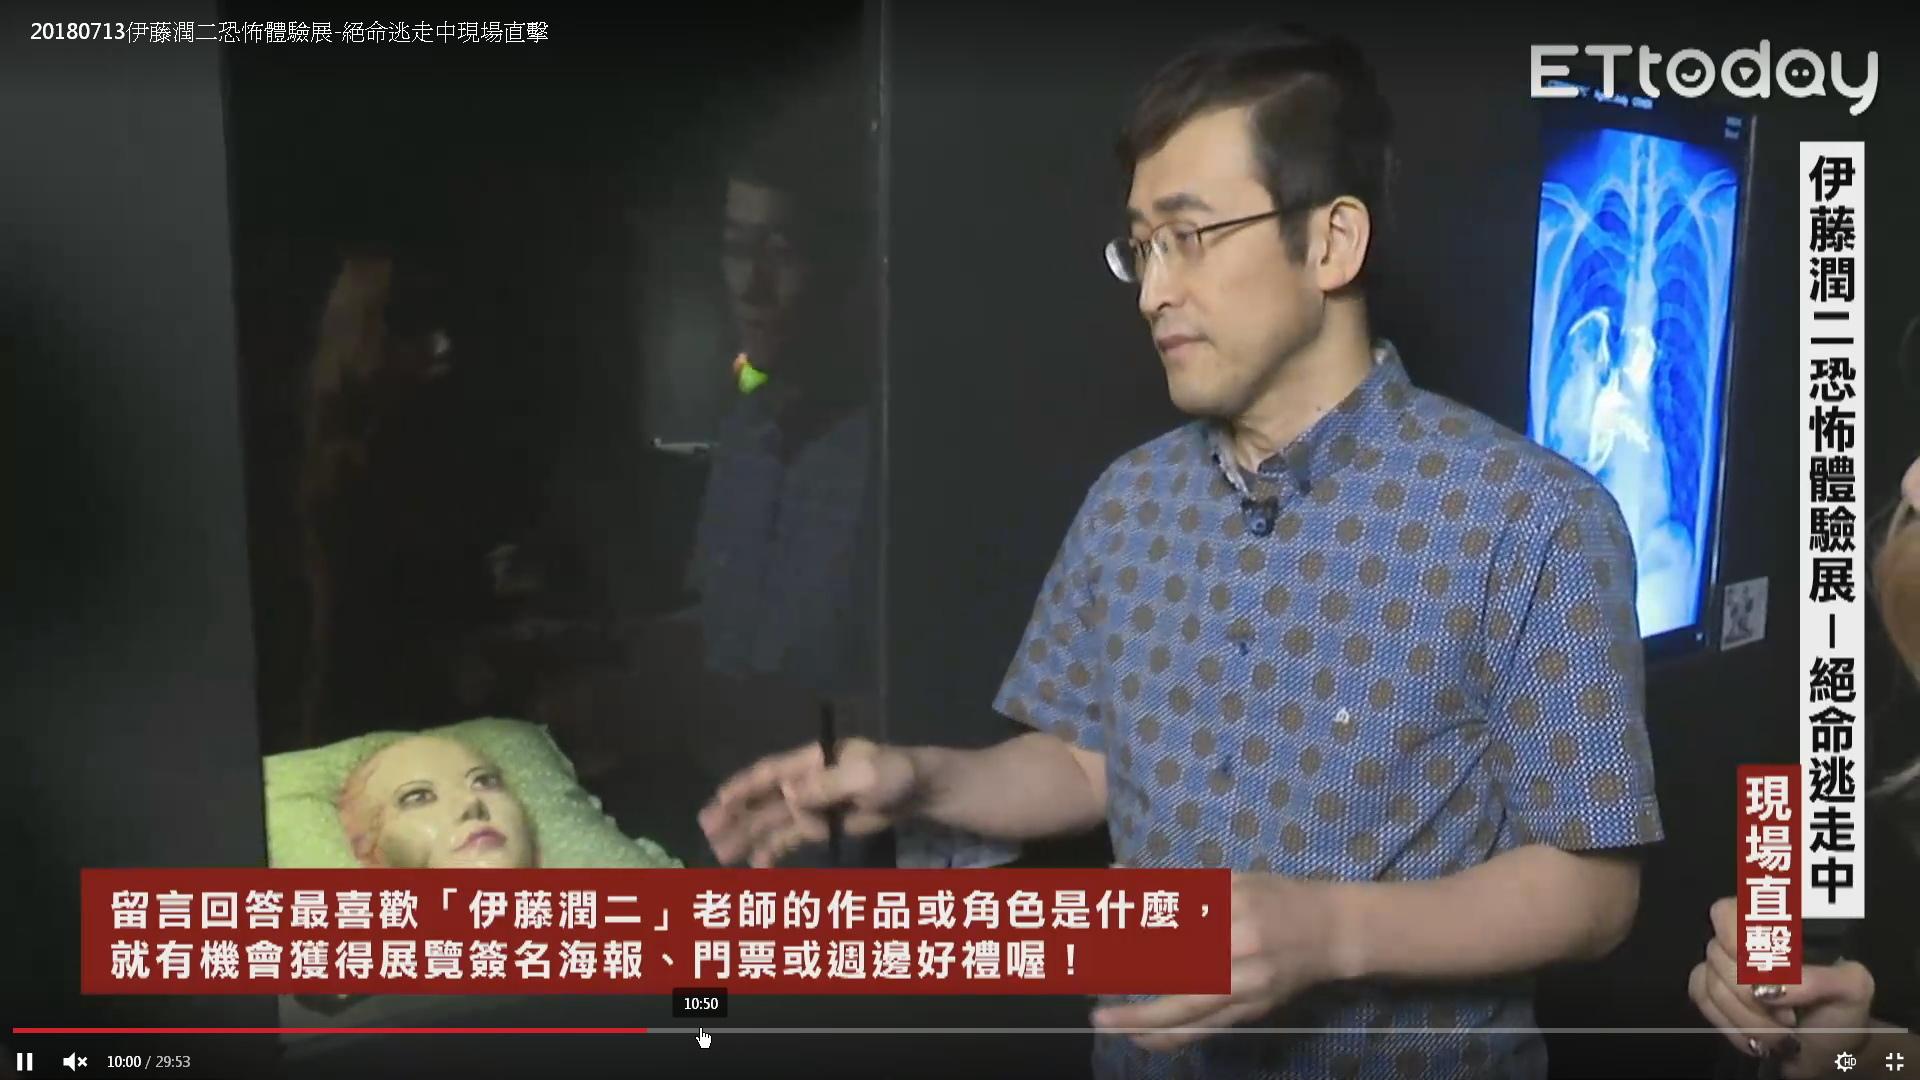 2018伊藤潤二恐怖體驗展 台北新光三越A9:伊藤潤二直播訪談 20.jpg